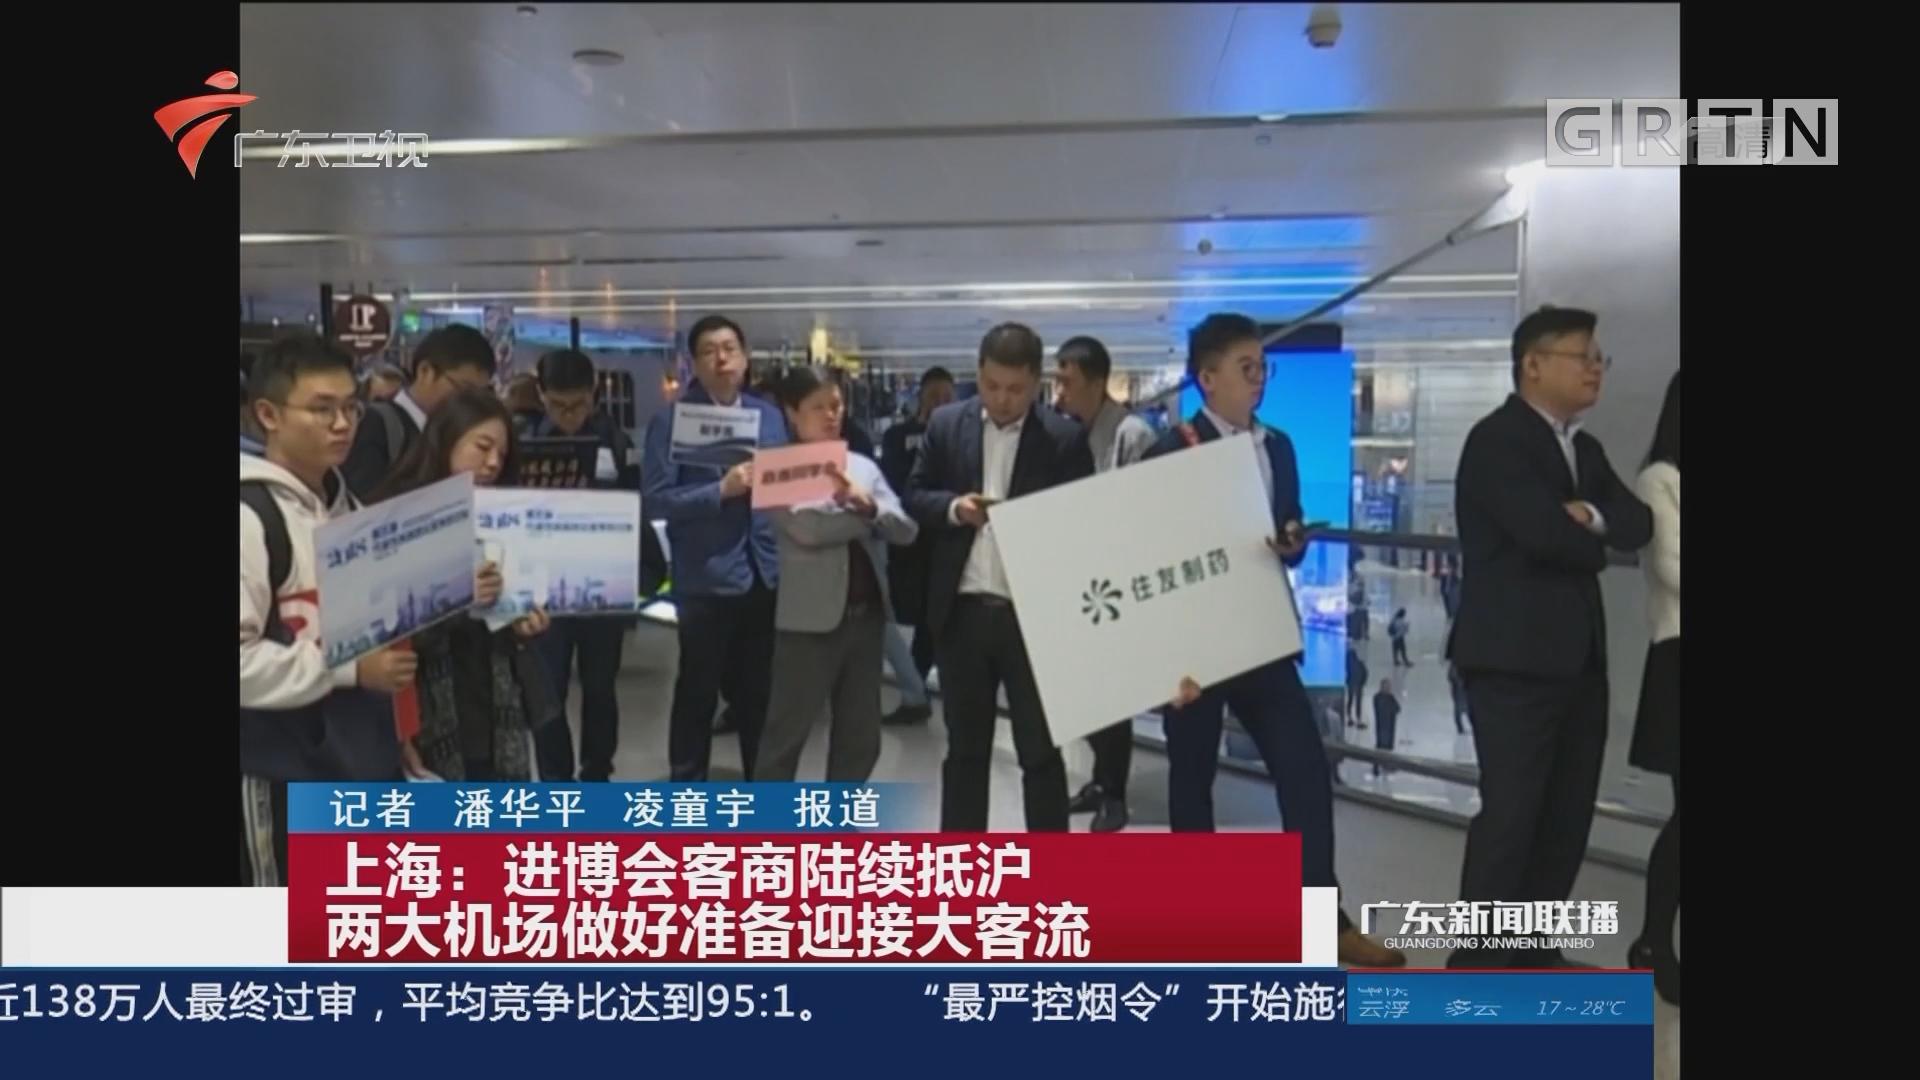 上海:进博会客商陆续抵沪 两大机场做好准备迎接大客流